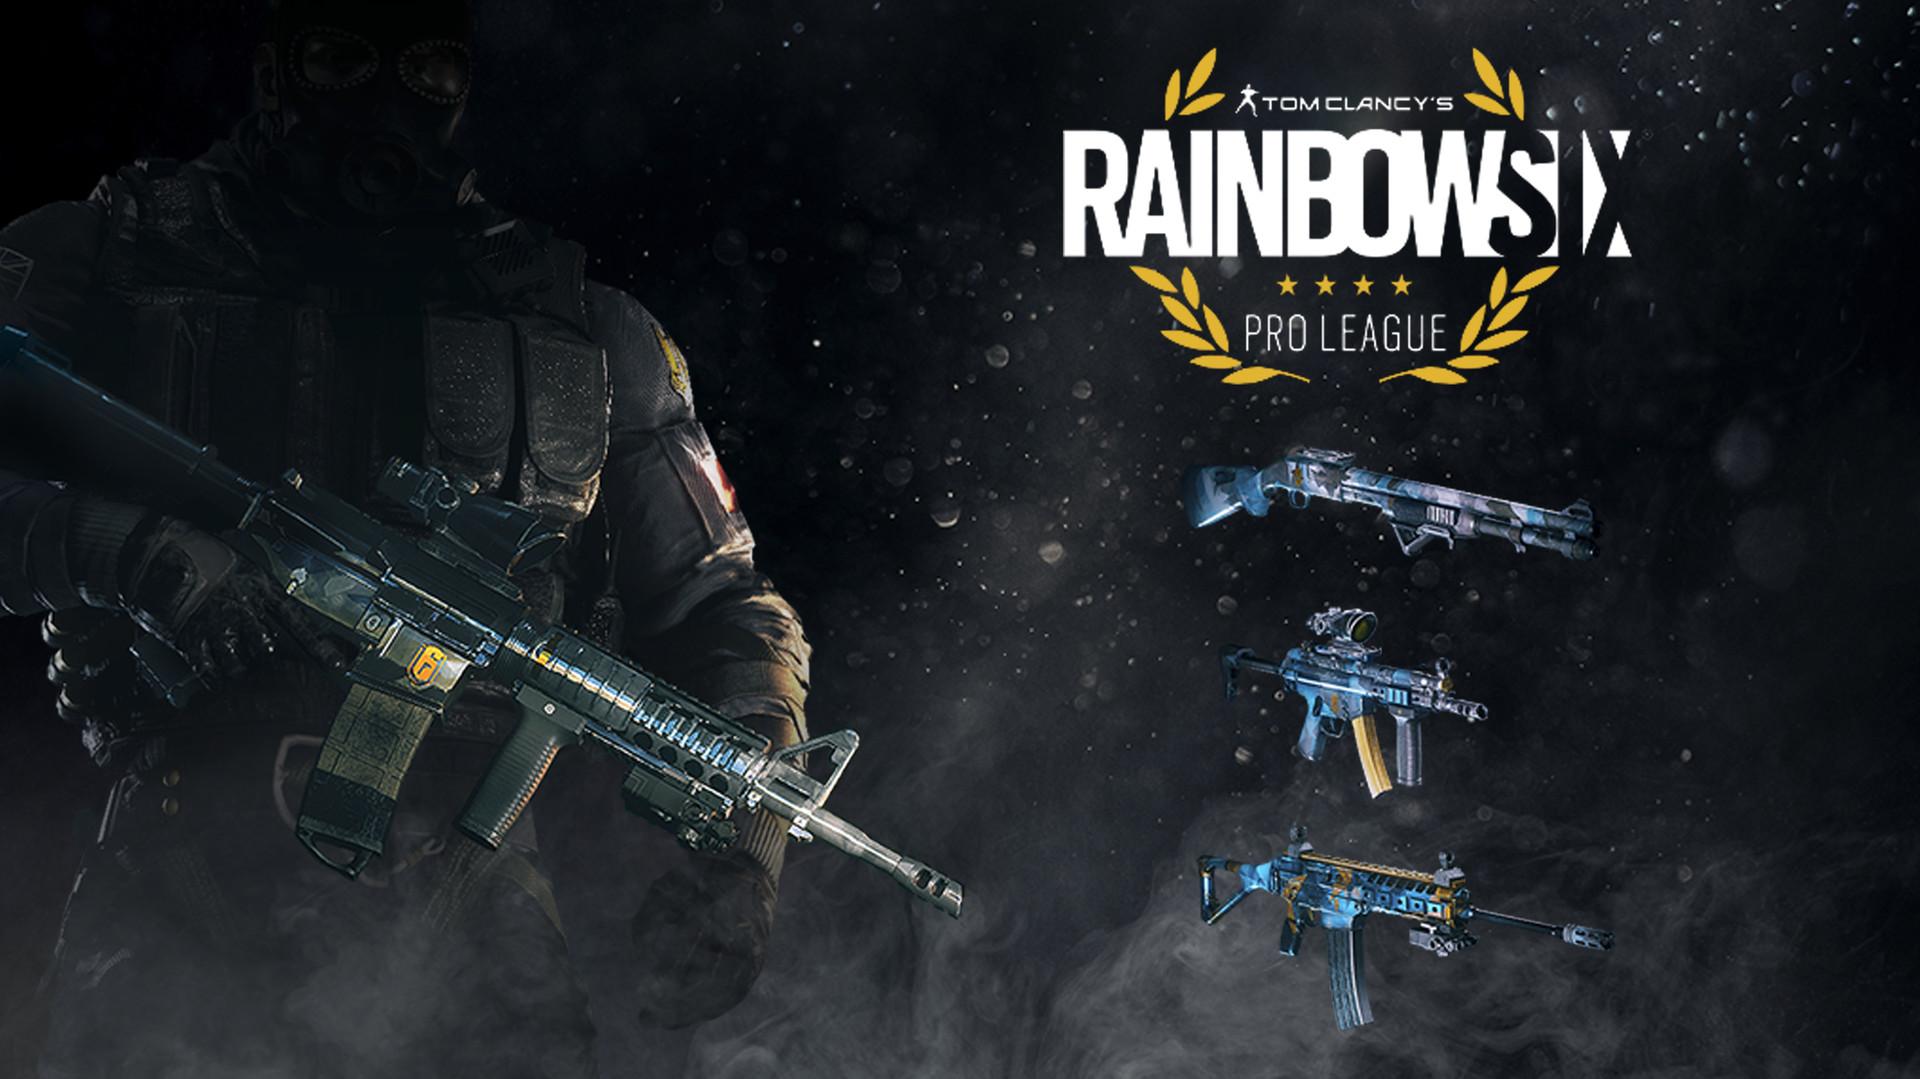 Раскраски для оружия профессиональной лиги Rainbow Six ...